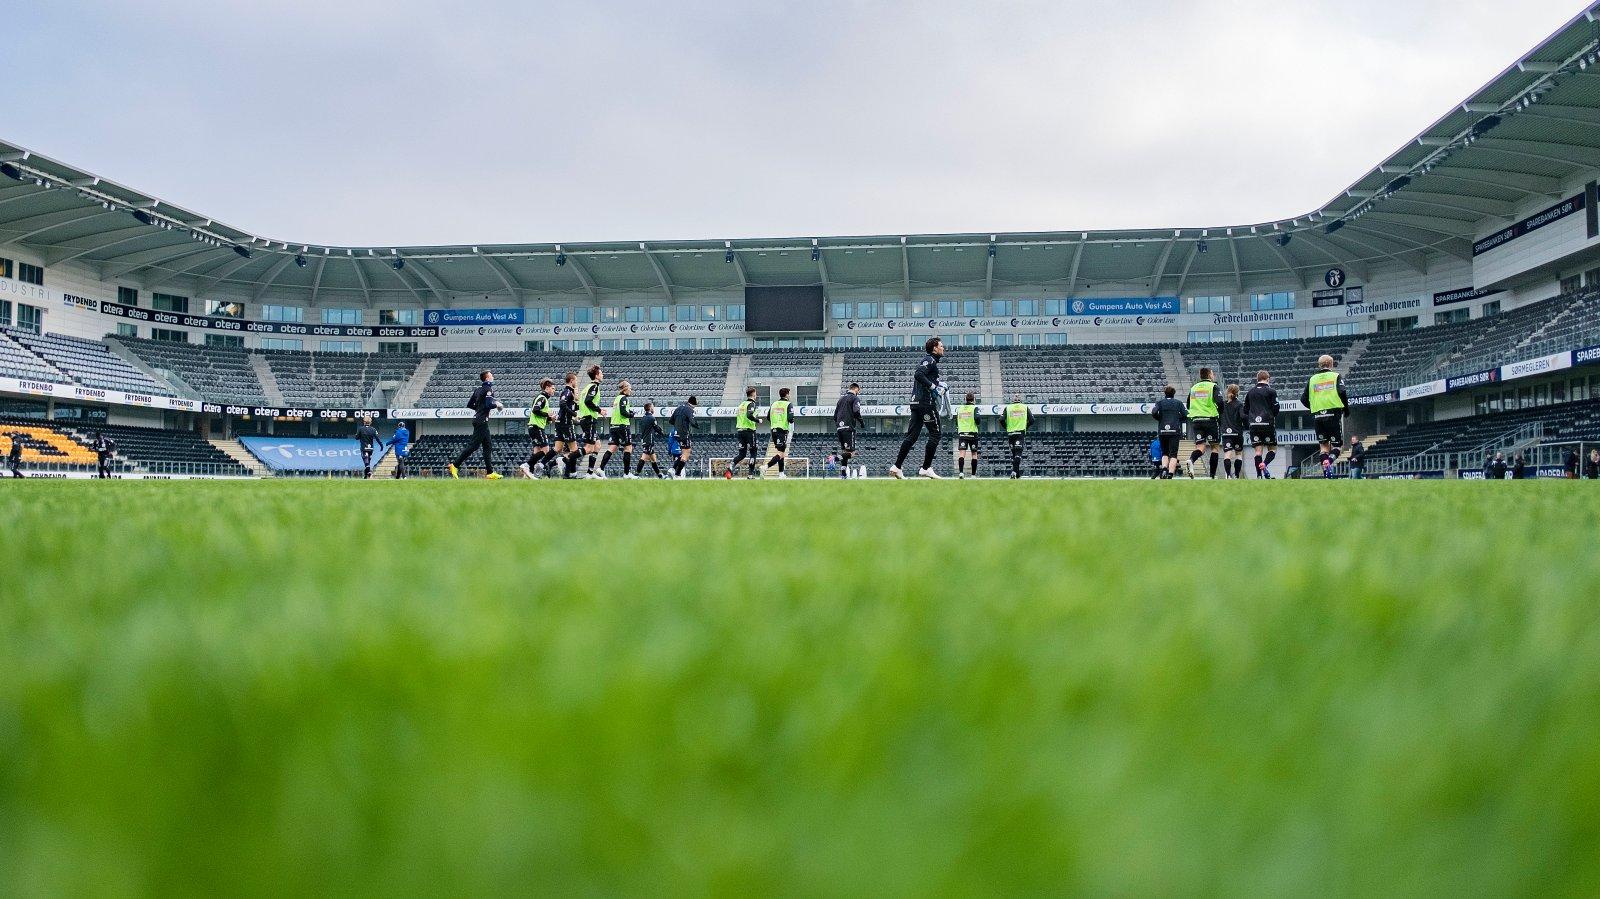 Trening, Sparebanken Sør Arena